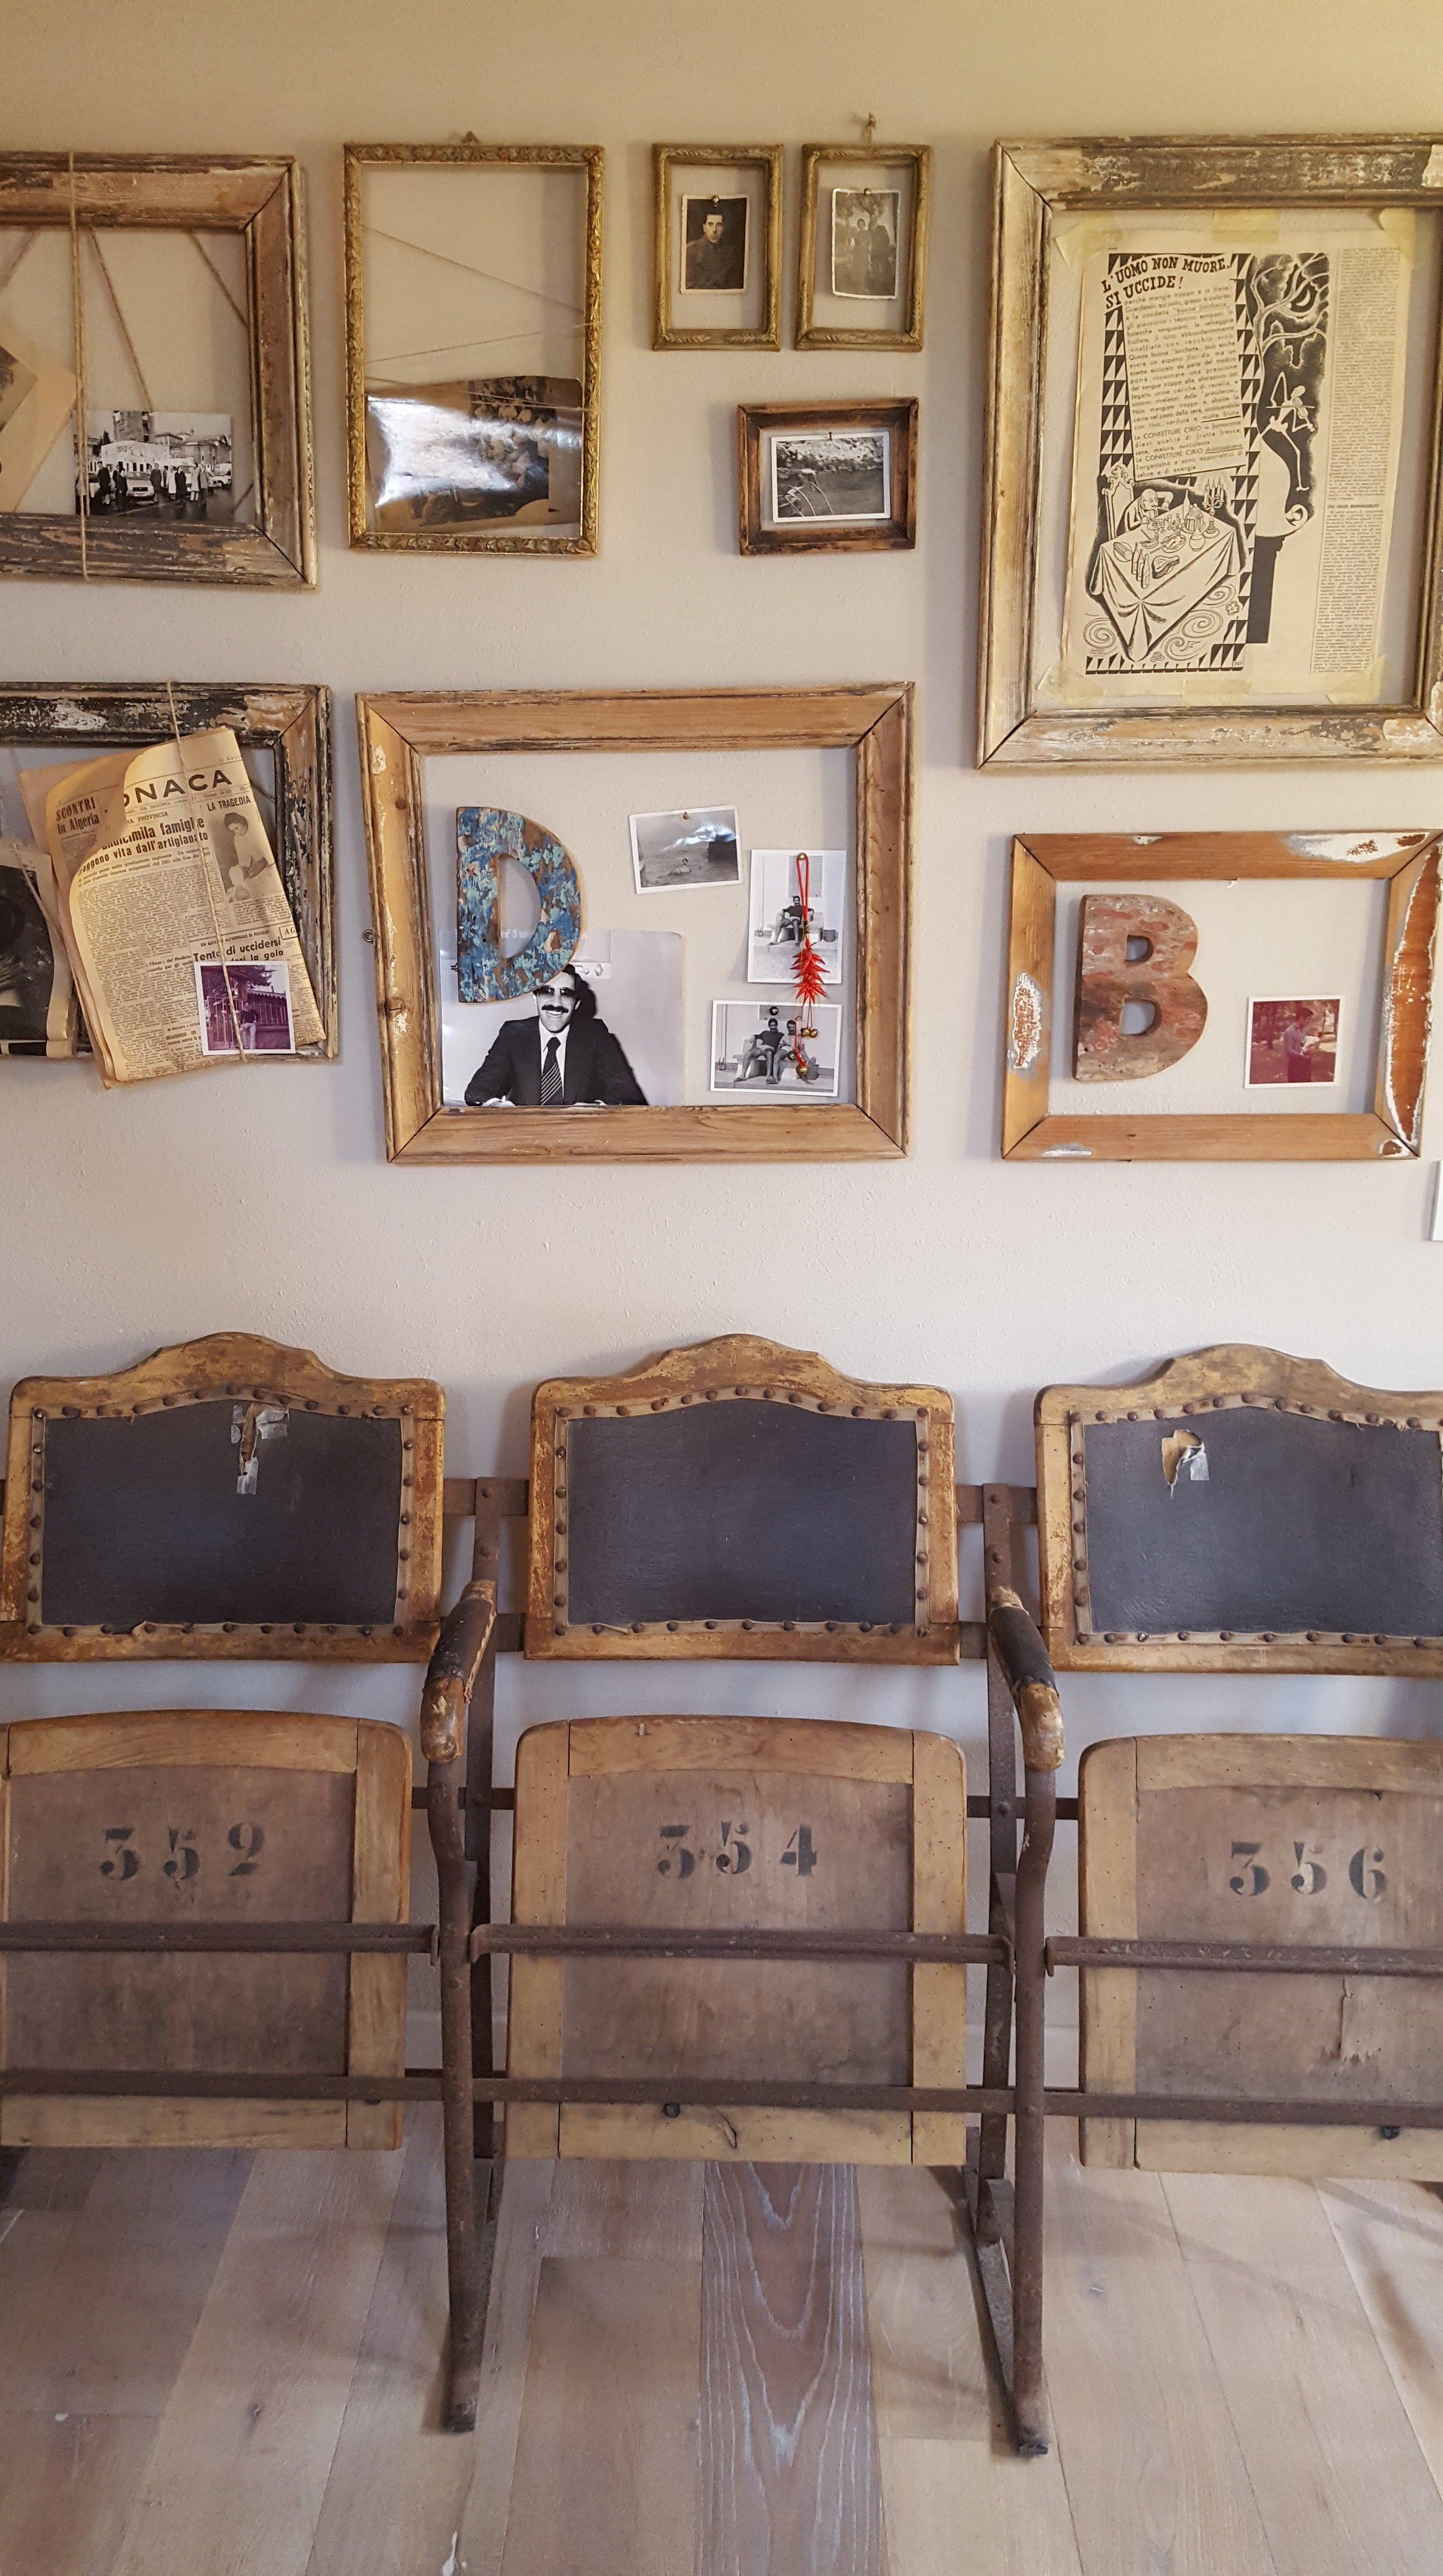 Eclectic, vintage decor